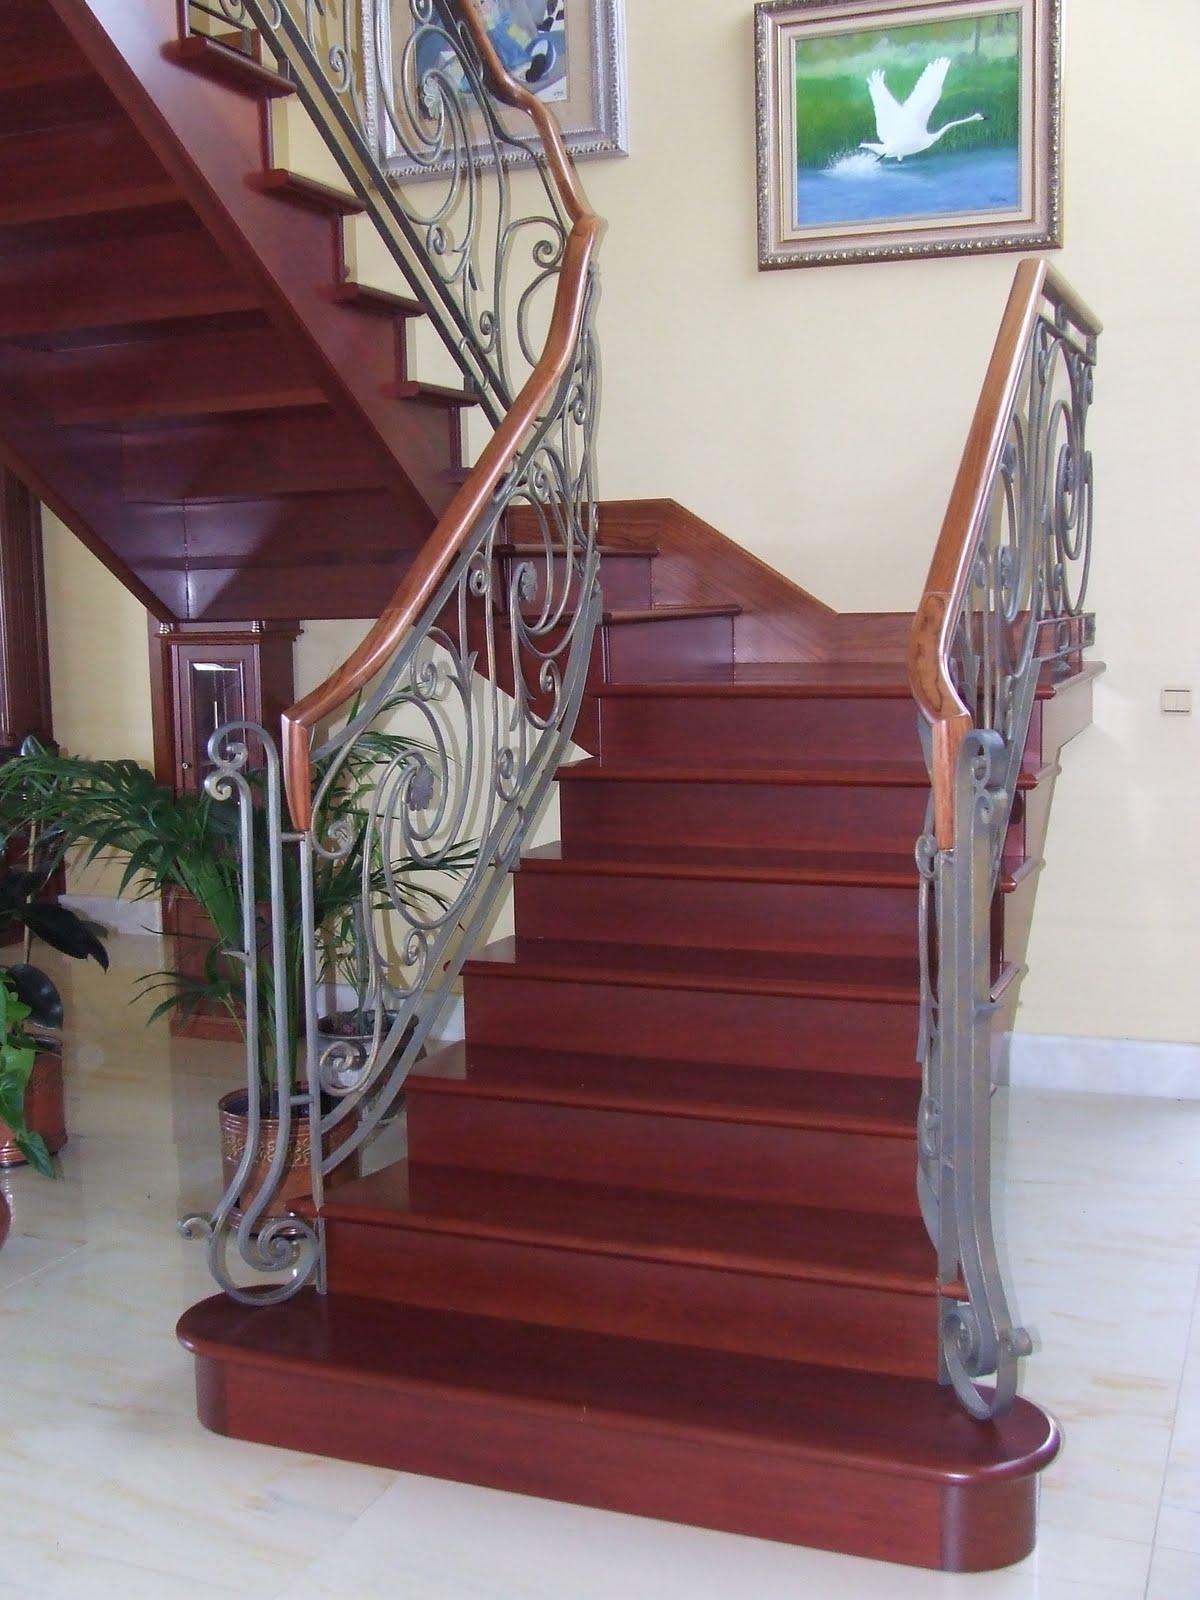 Escaleras de madera armonia entre madera y metal - Escaleras de madera ...